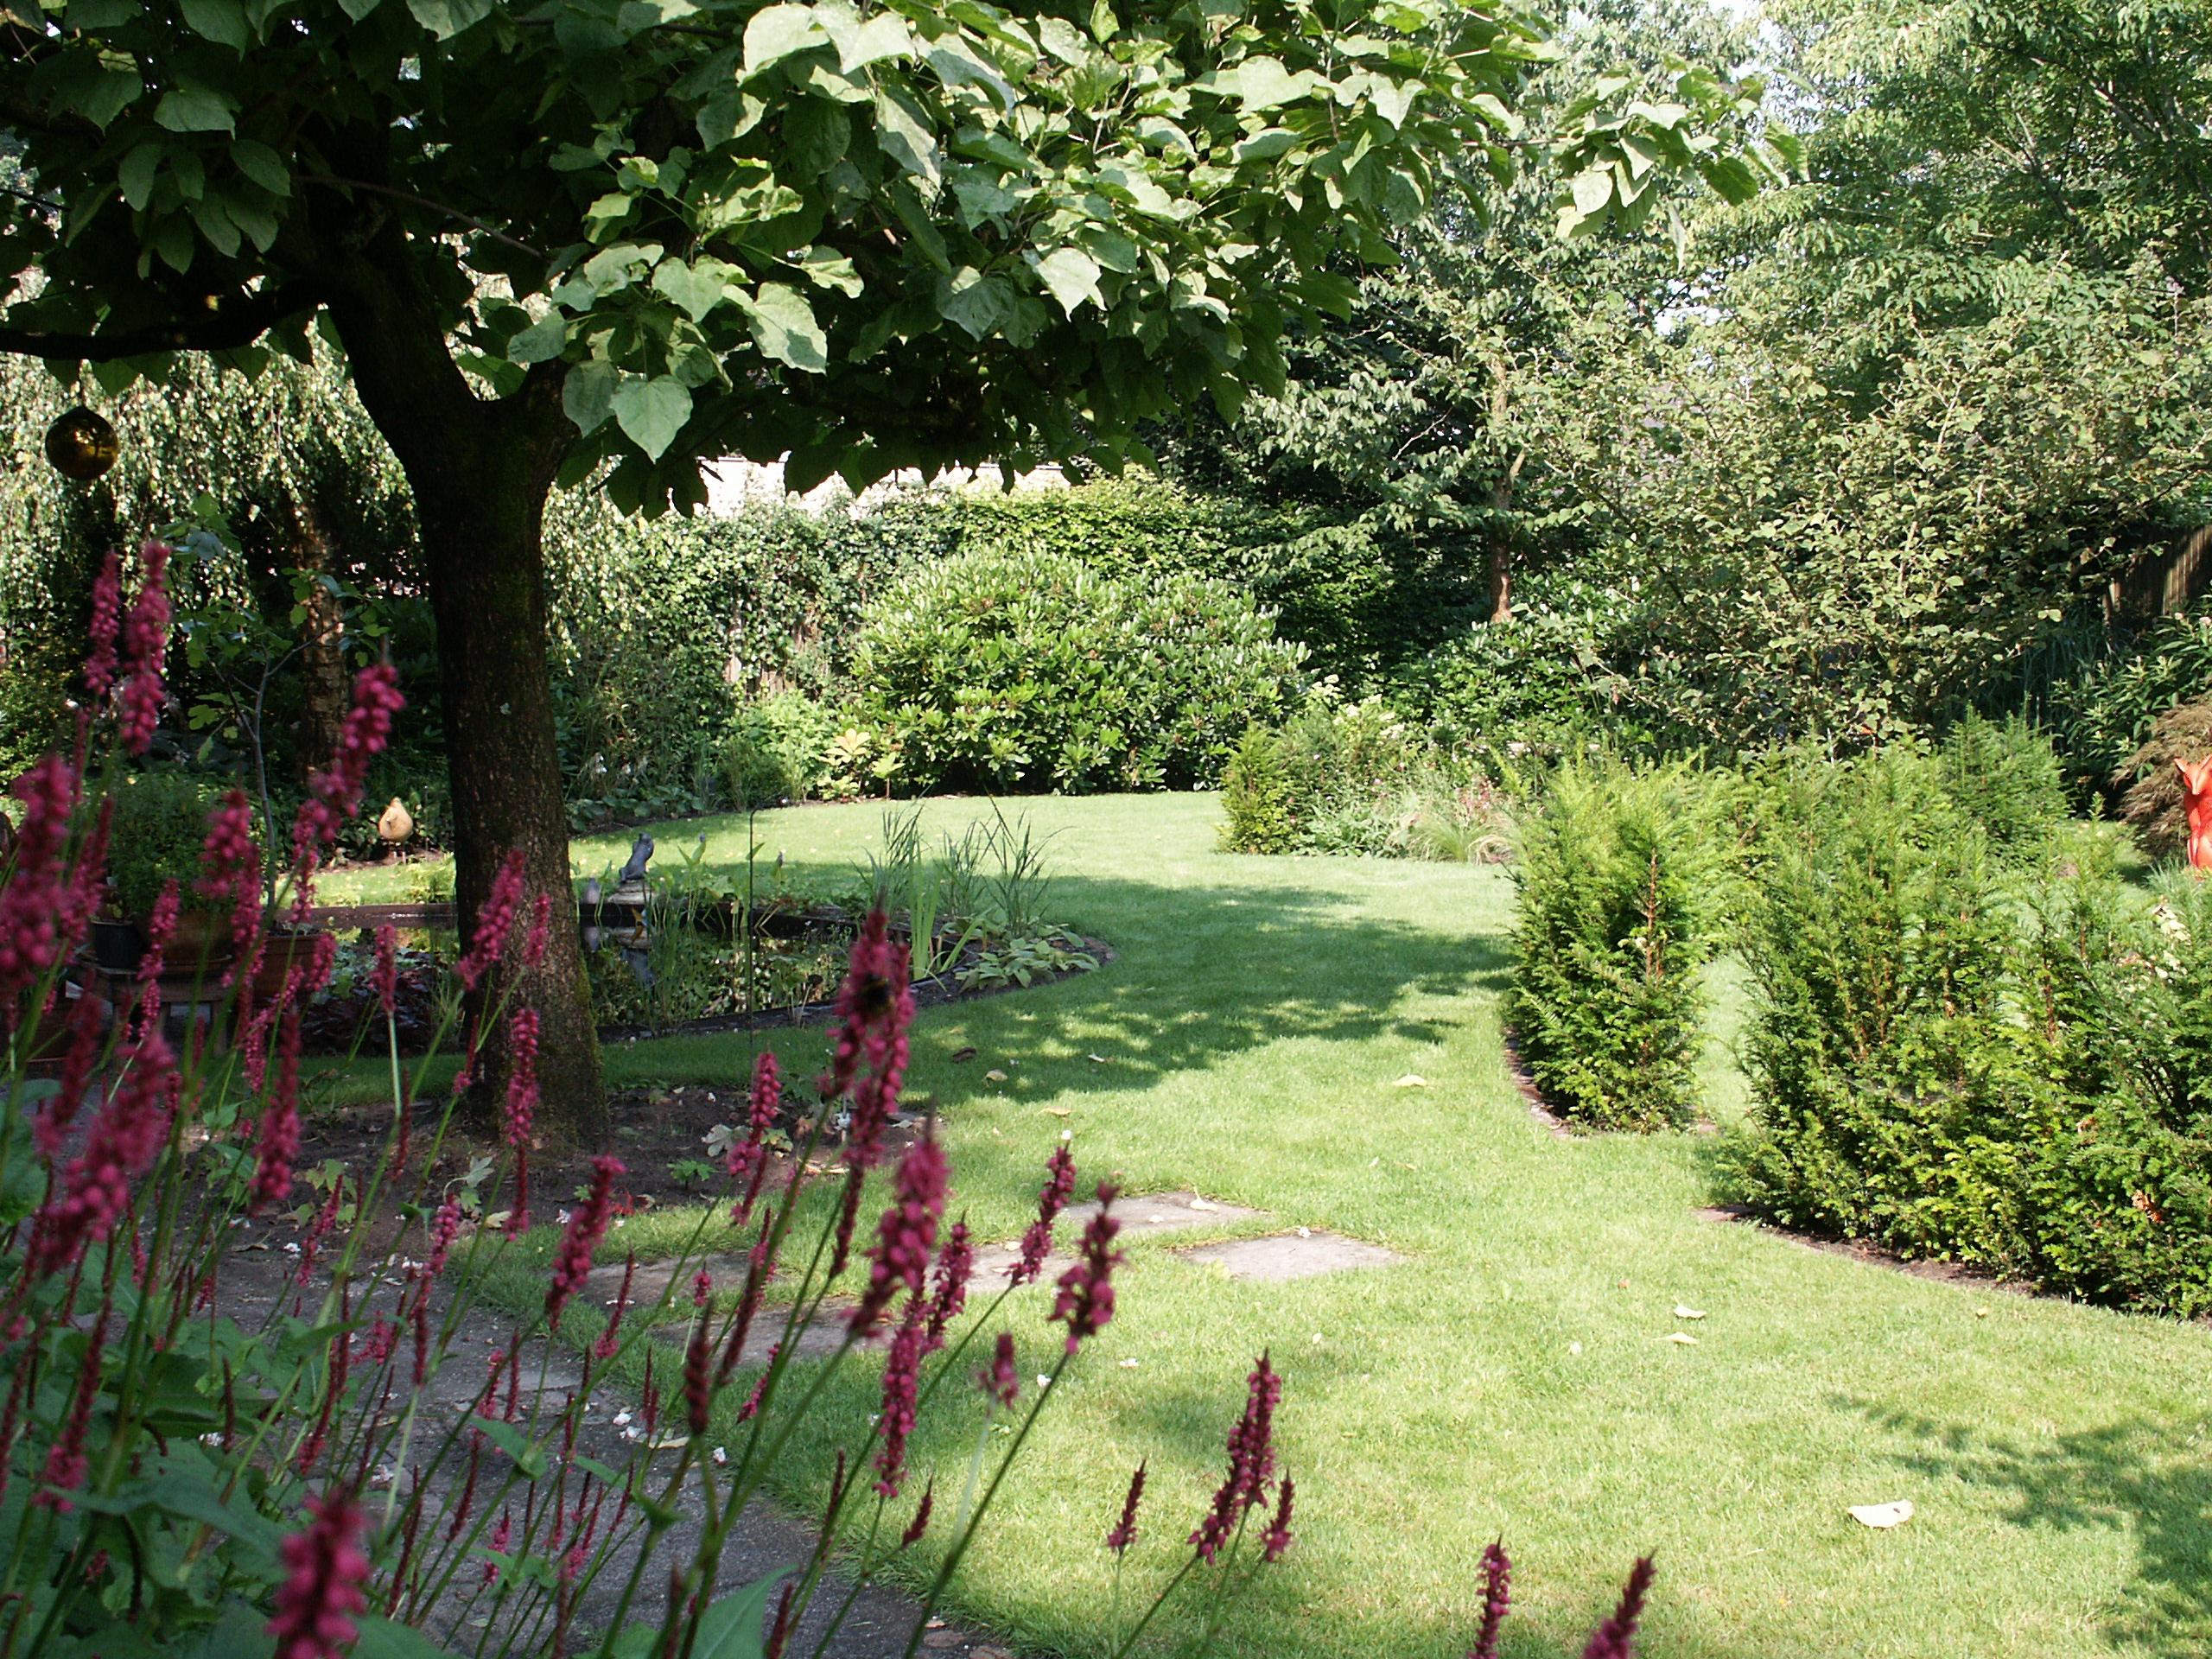 de Buitenkamer tuinontwerp, Grave, tuin met organische vormen Schaijk 4